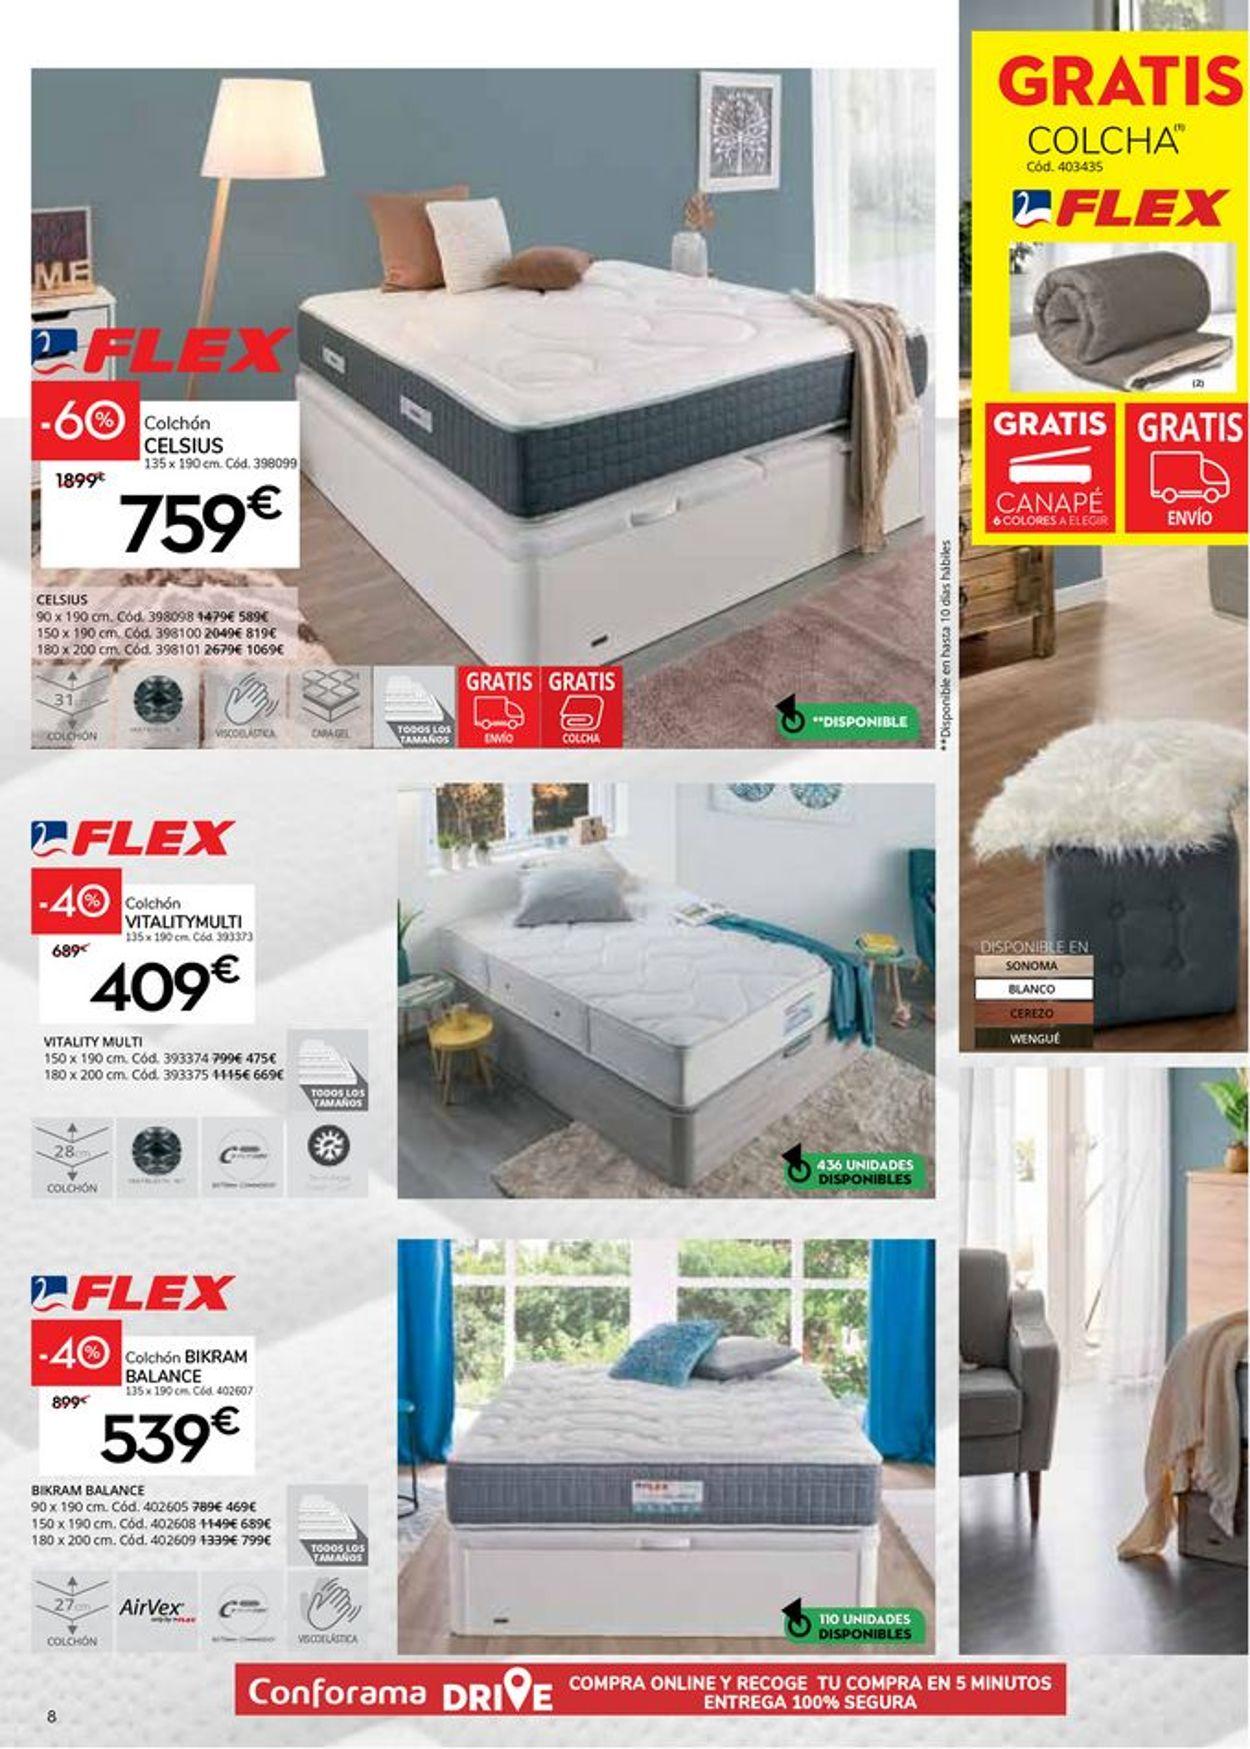 Conforama Folleto - 29.04-27.05.2021 (Página 8)